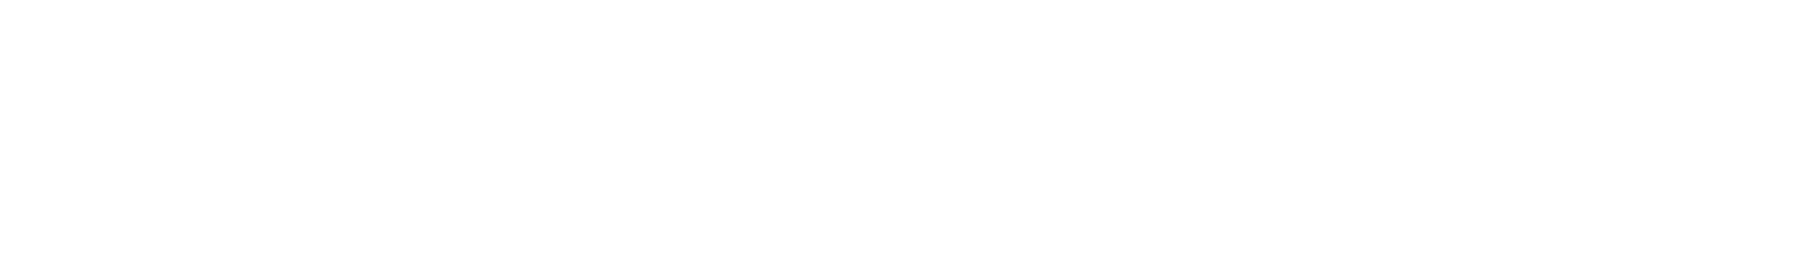 blbc cinedrumsa 75 02